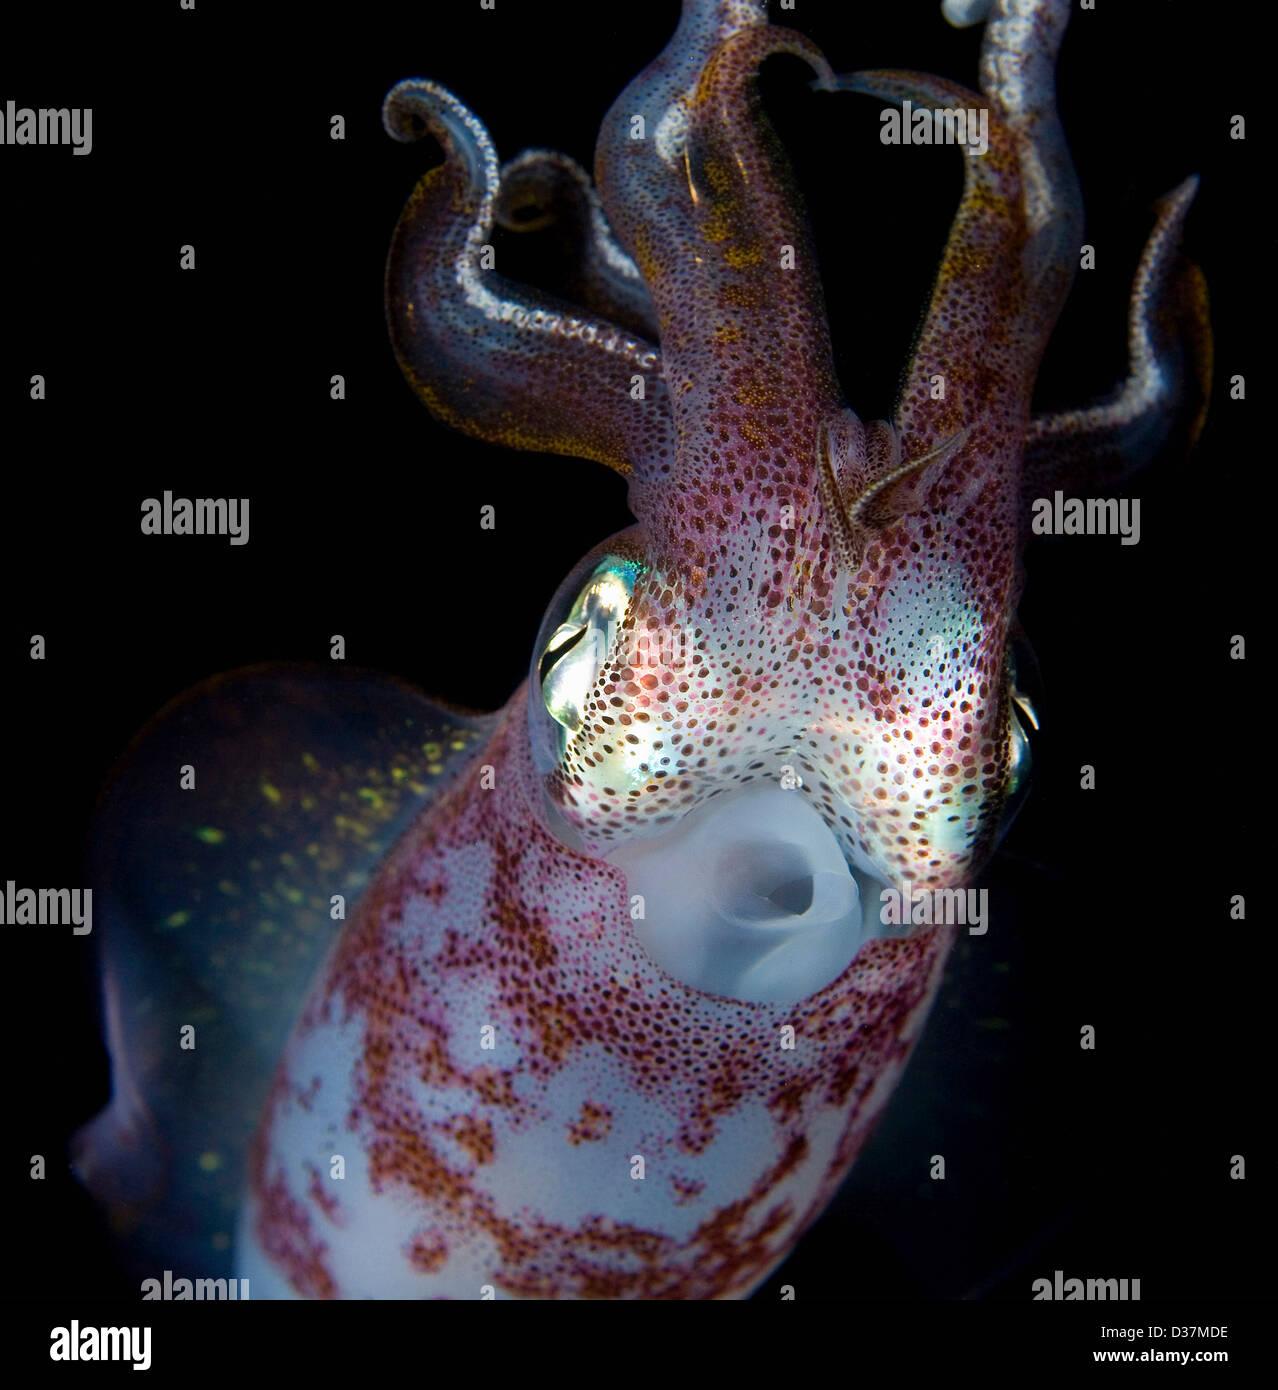 Cerca de squid en la noche subacuática Imagen De Stock